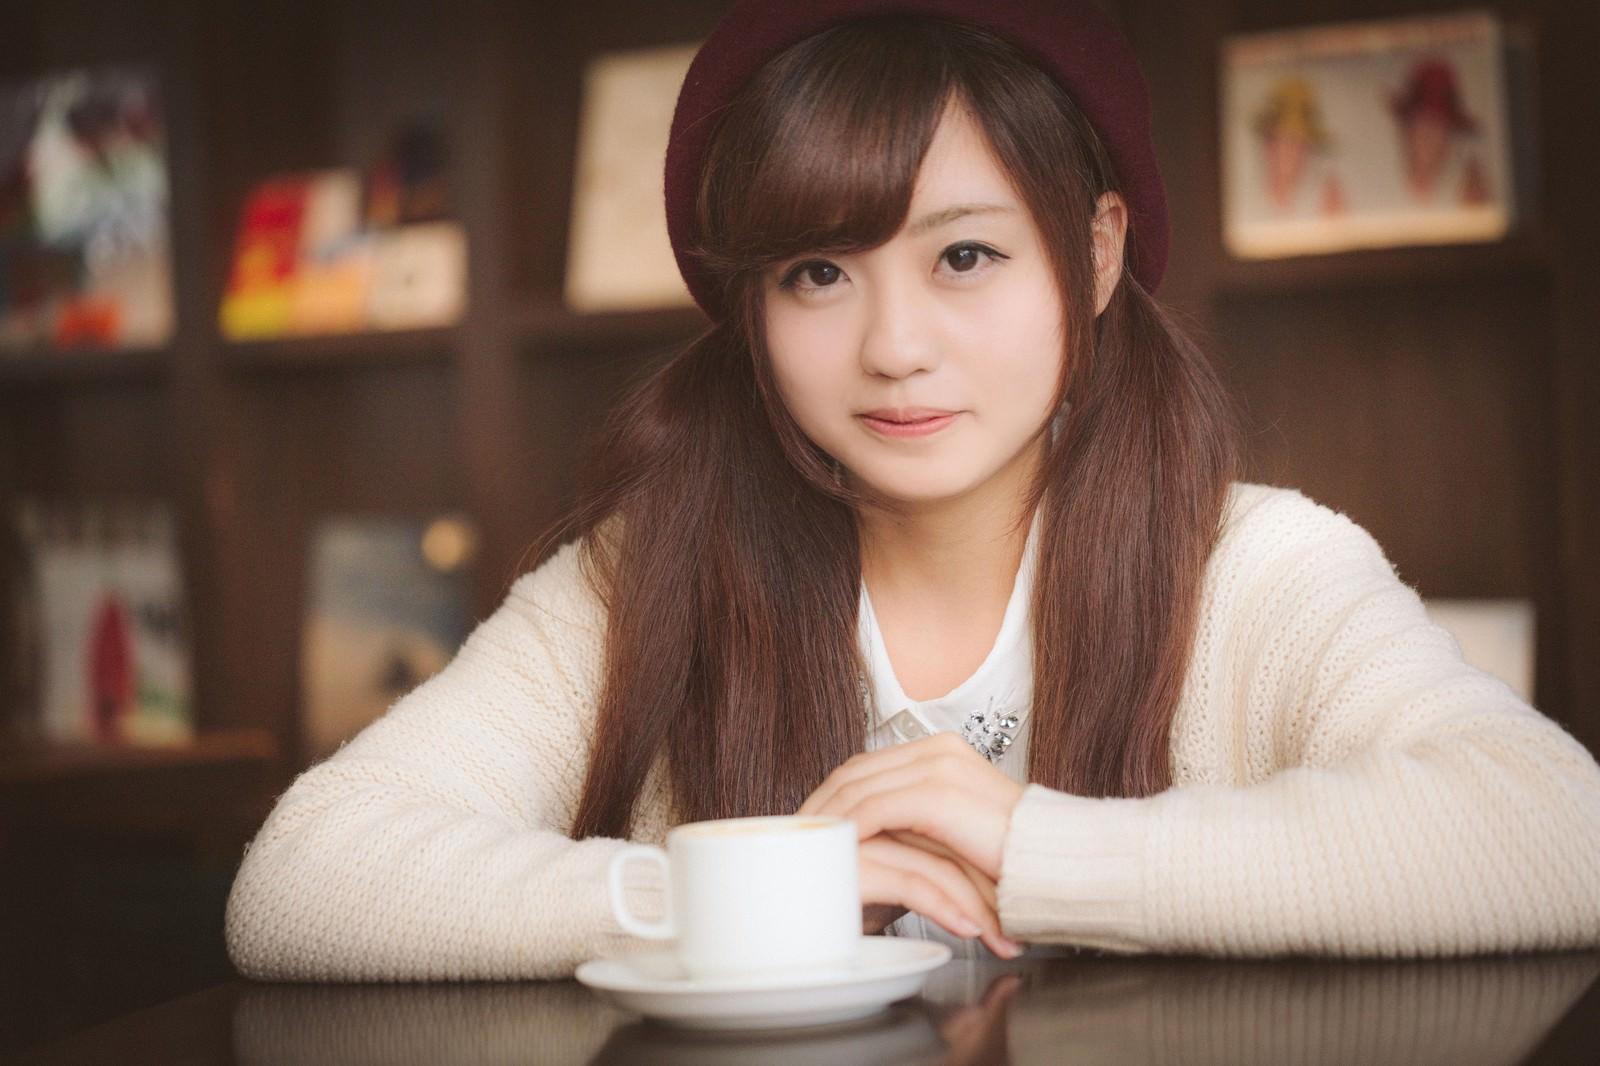 「初デート、ちょっと緊張しながらカフェでお茶してます初デート、ちょっと緊張しながらカフェでお茶してます」[モデル:河村友歌]のフリー写真素材を拡大